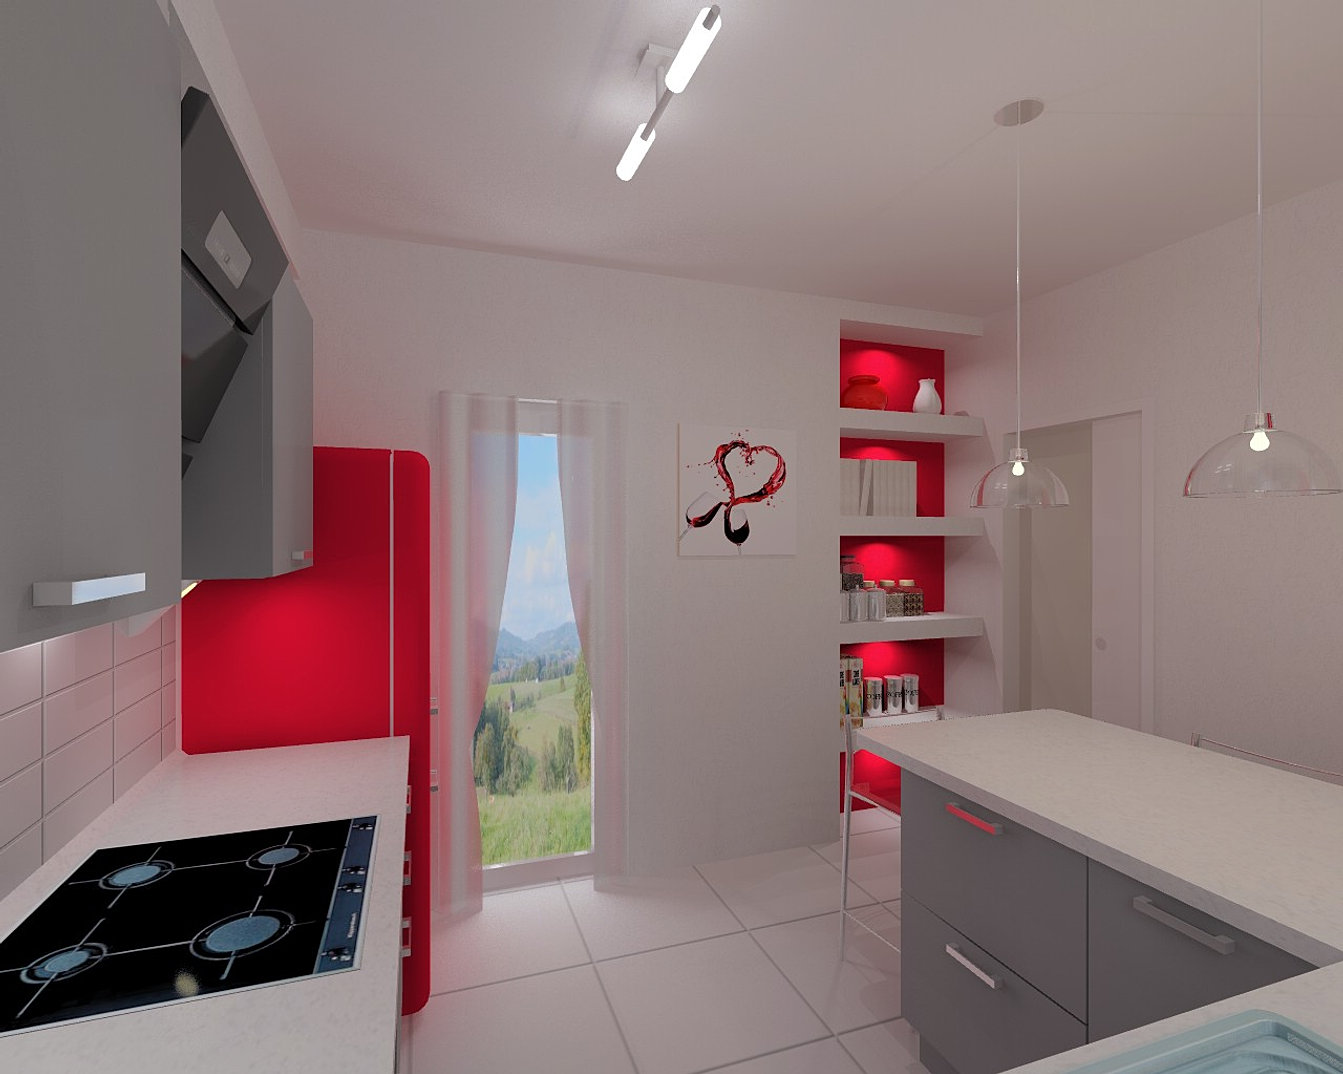 Progettazione d 39 interni progettazione interni online for Programma design interni